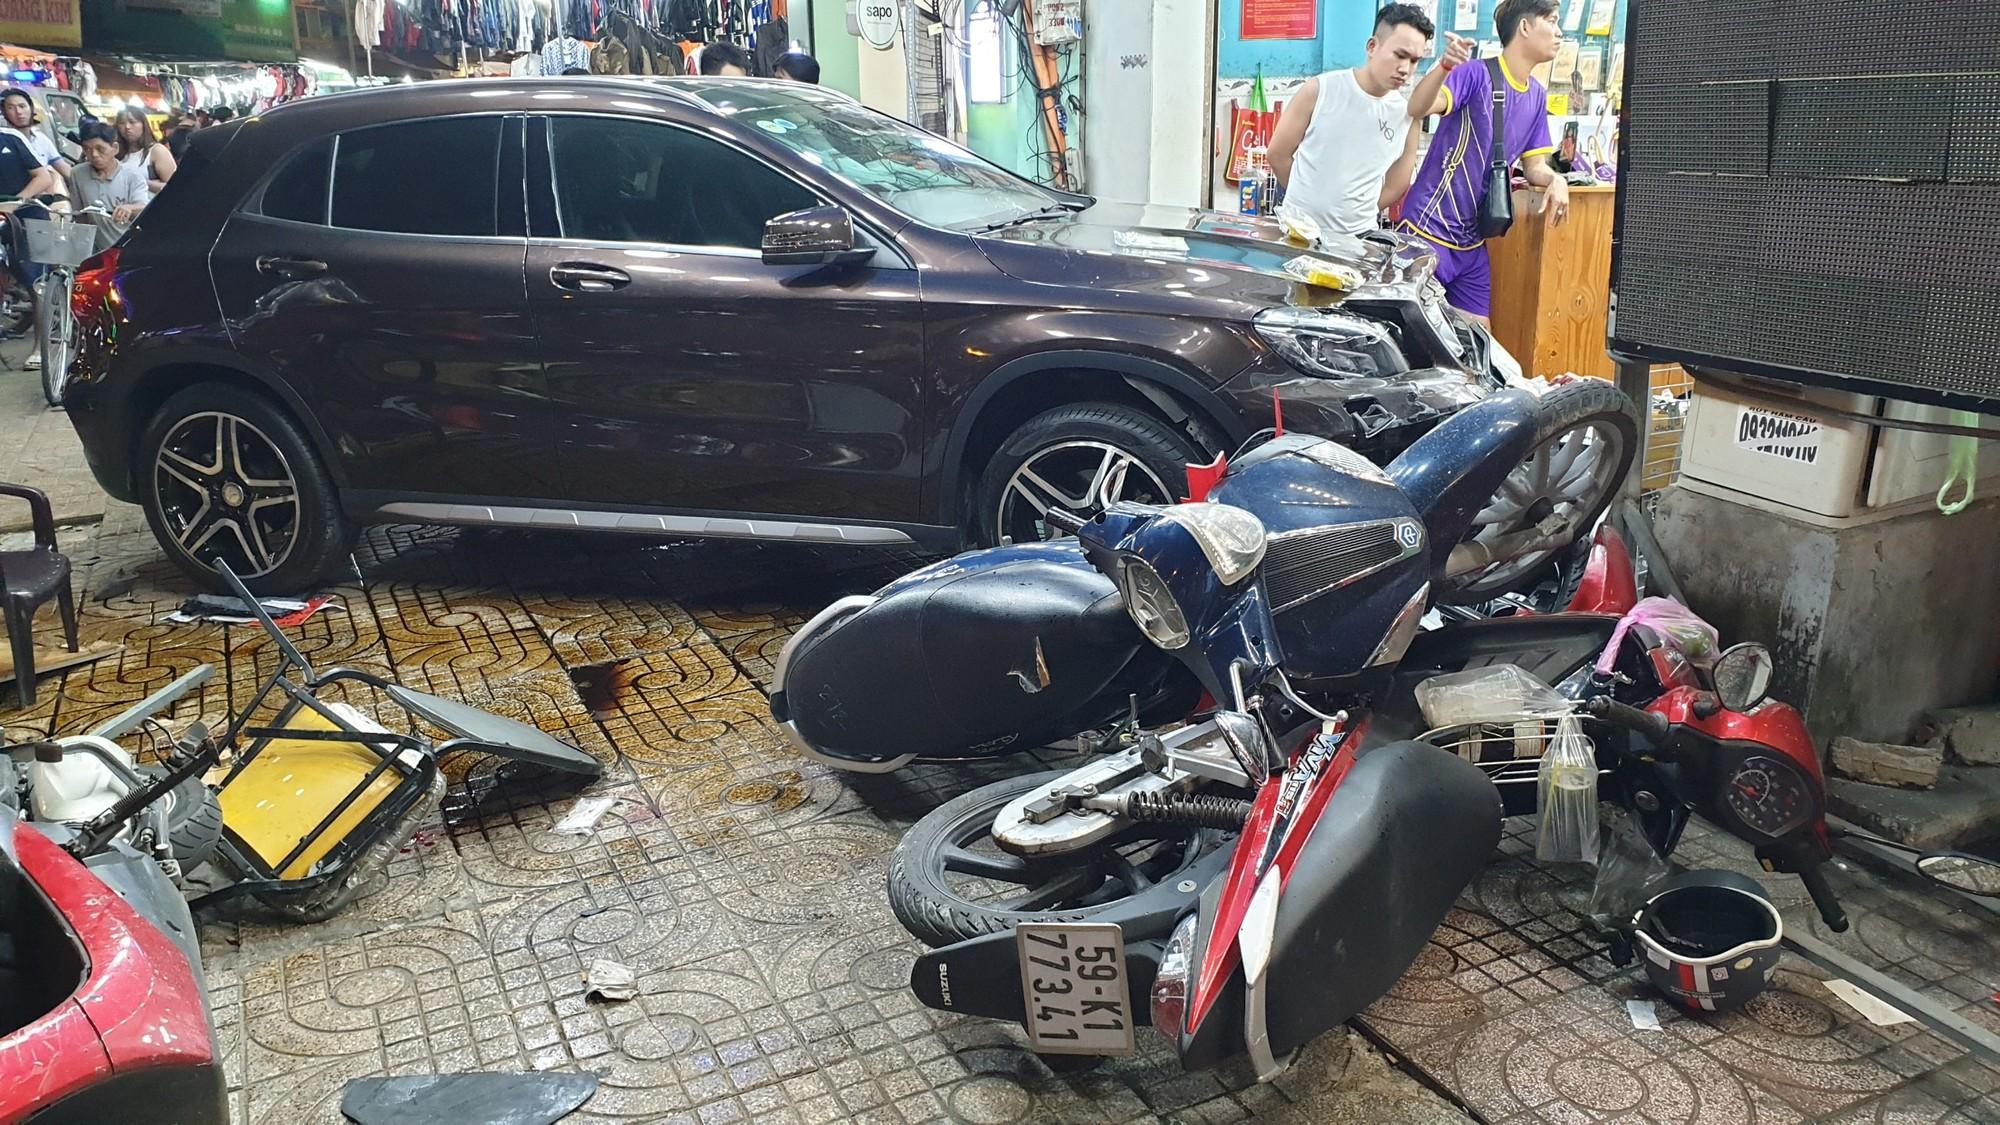 Người dân kể lại lúc nữ tài xế Mercedes tông một loạt xe máy: Cô ấy không say, nhưng chắc đi giày cao gót nên vướng chân ga-5